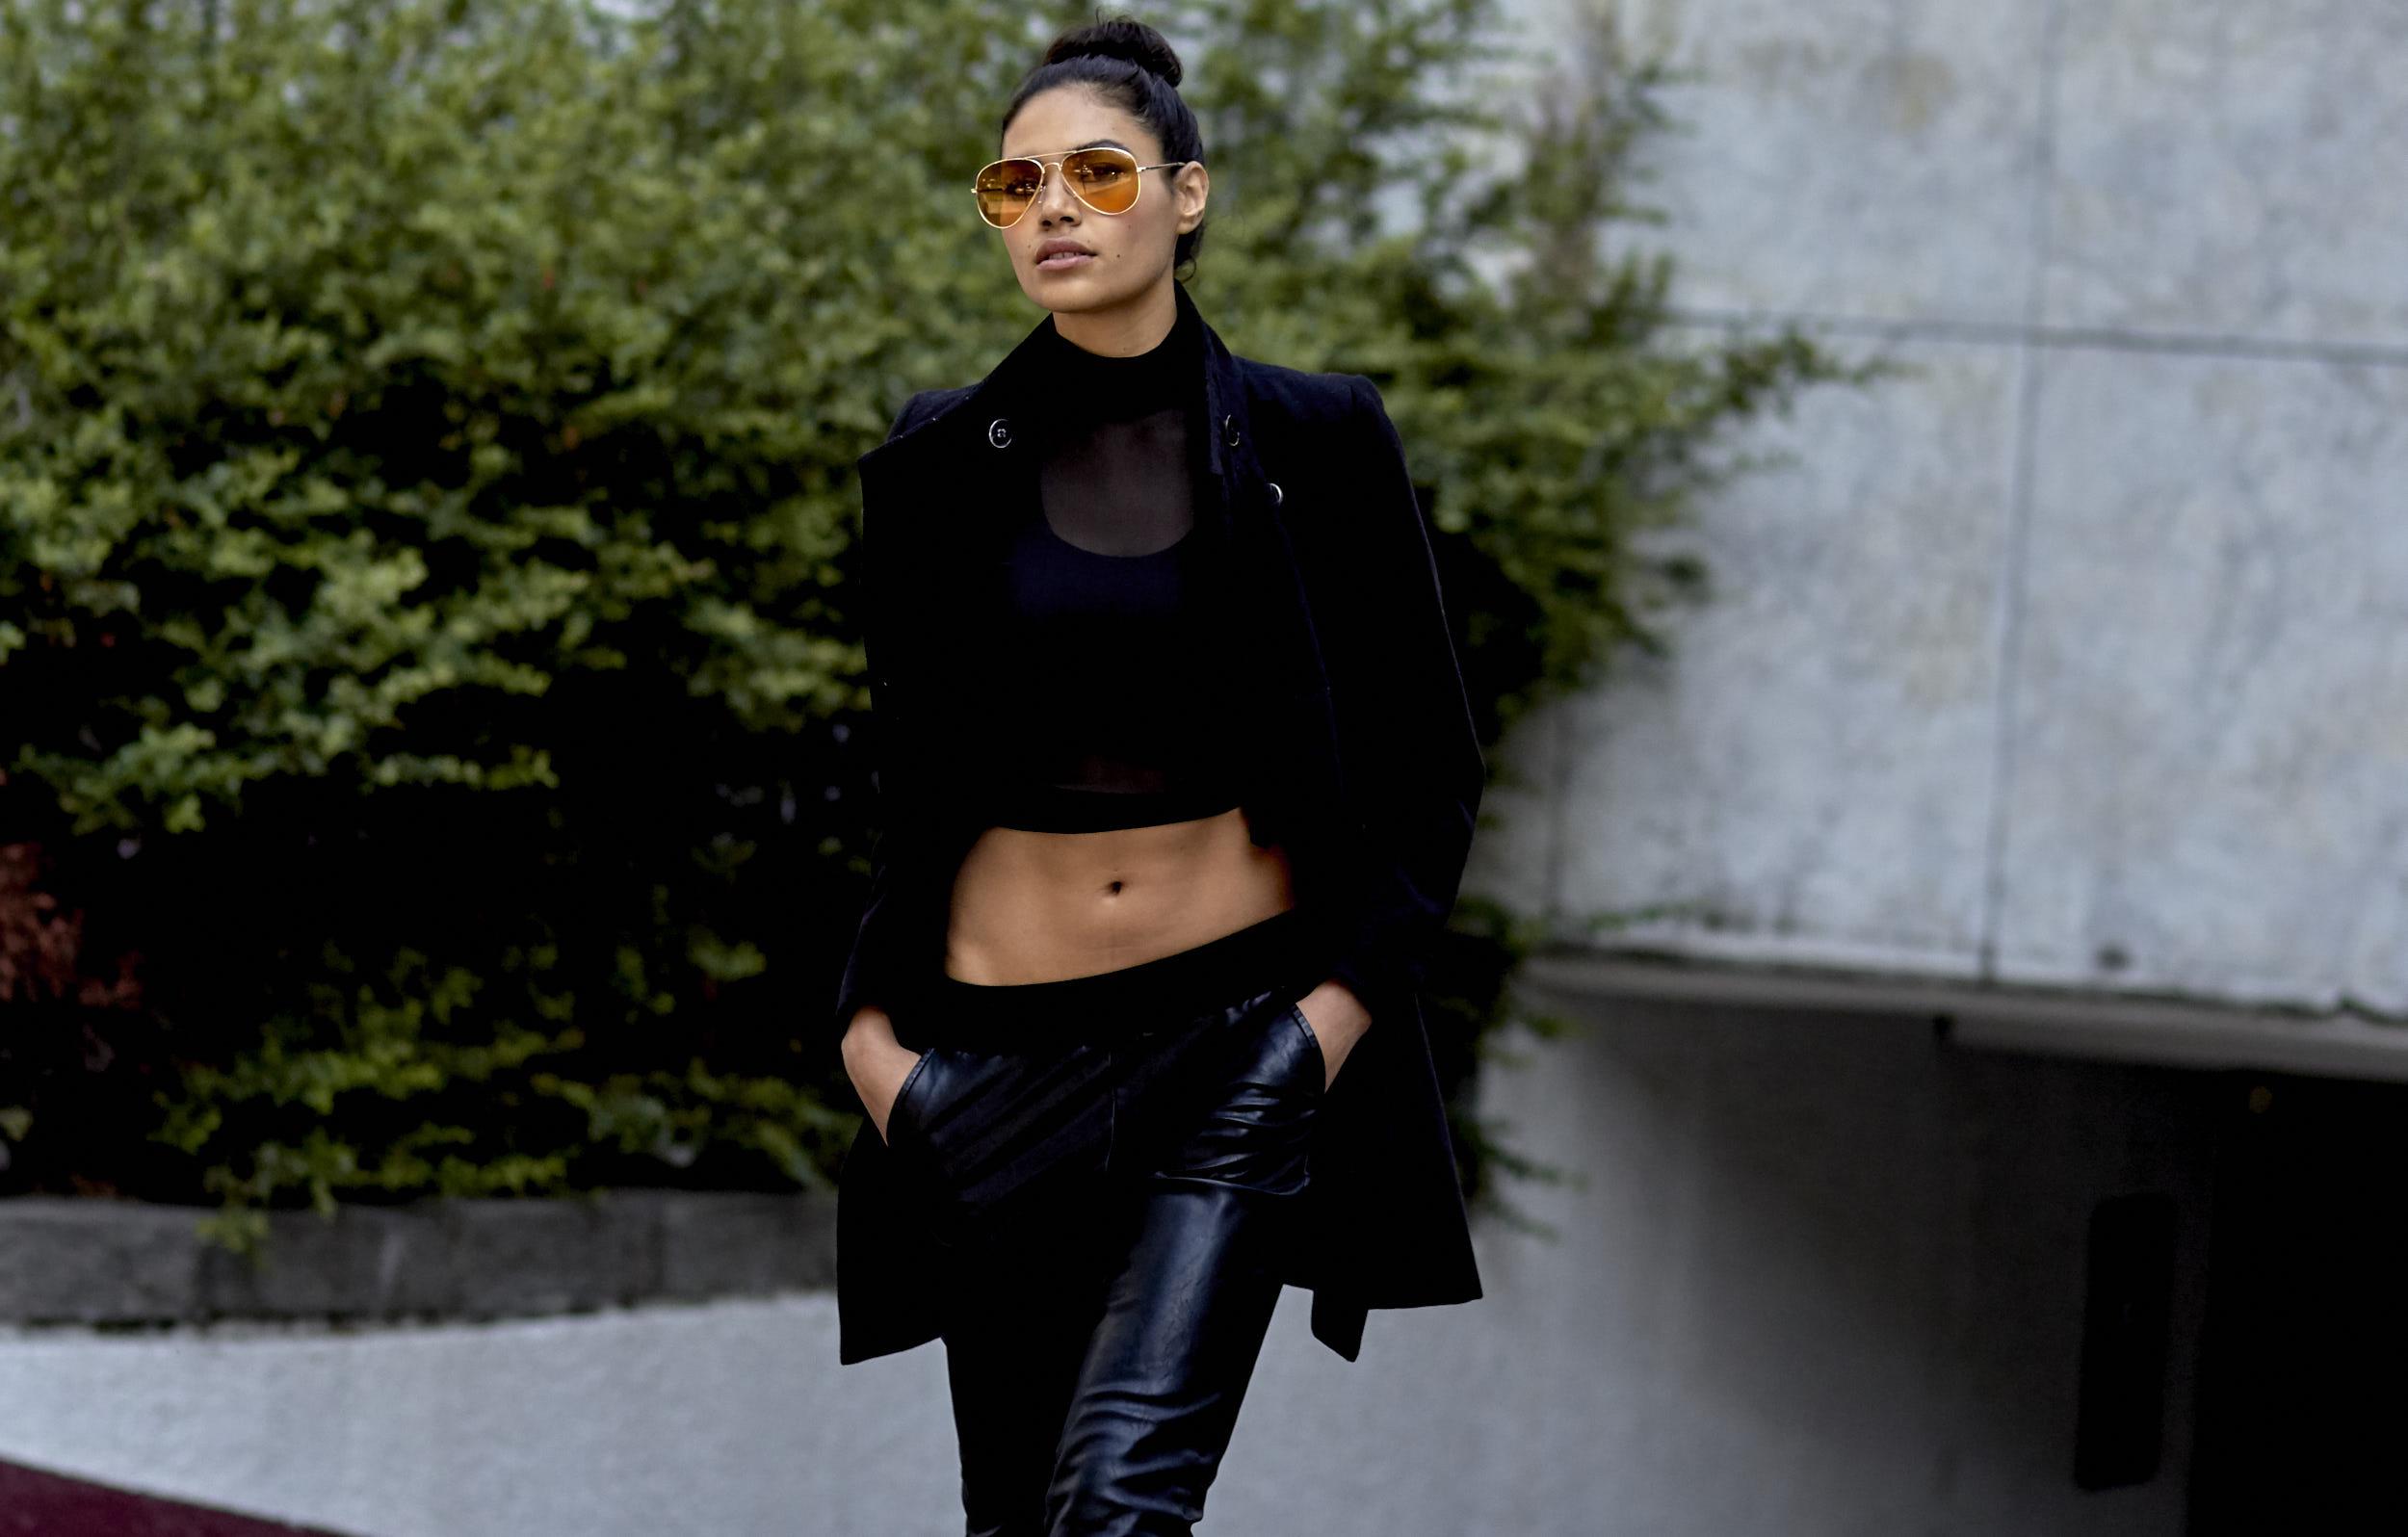 Cindy-Gradilla-fashion-week-mexico-photo-by-Leonardo-fernandez+13.jpg